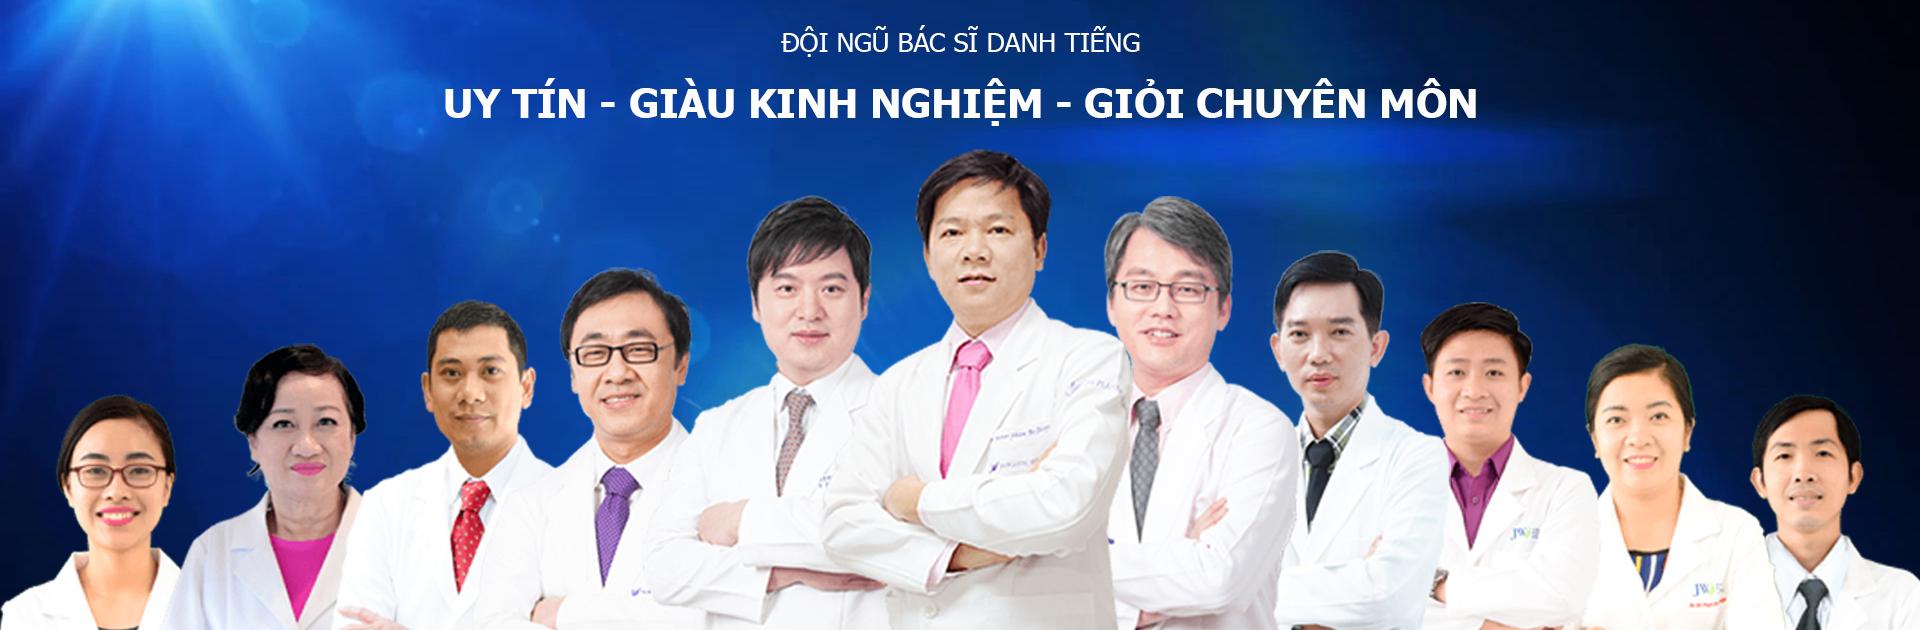 Đội ngũ những bác sĩ chuyên môn cao, giàu kinh nghiệm của Bệnh viện thẩm mỹ JW Hàn Quốc.